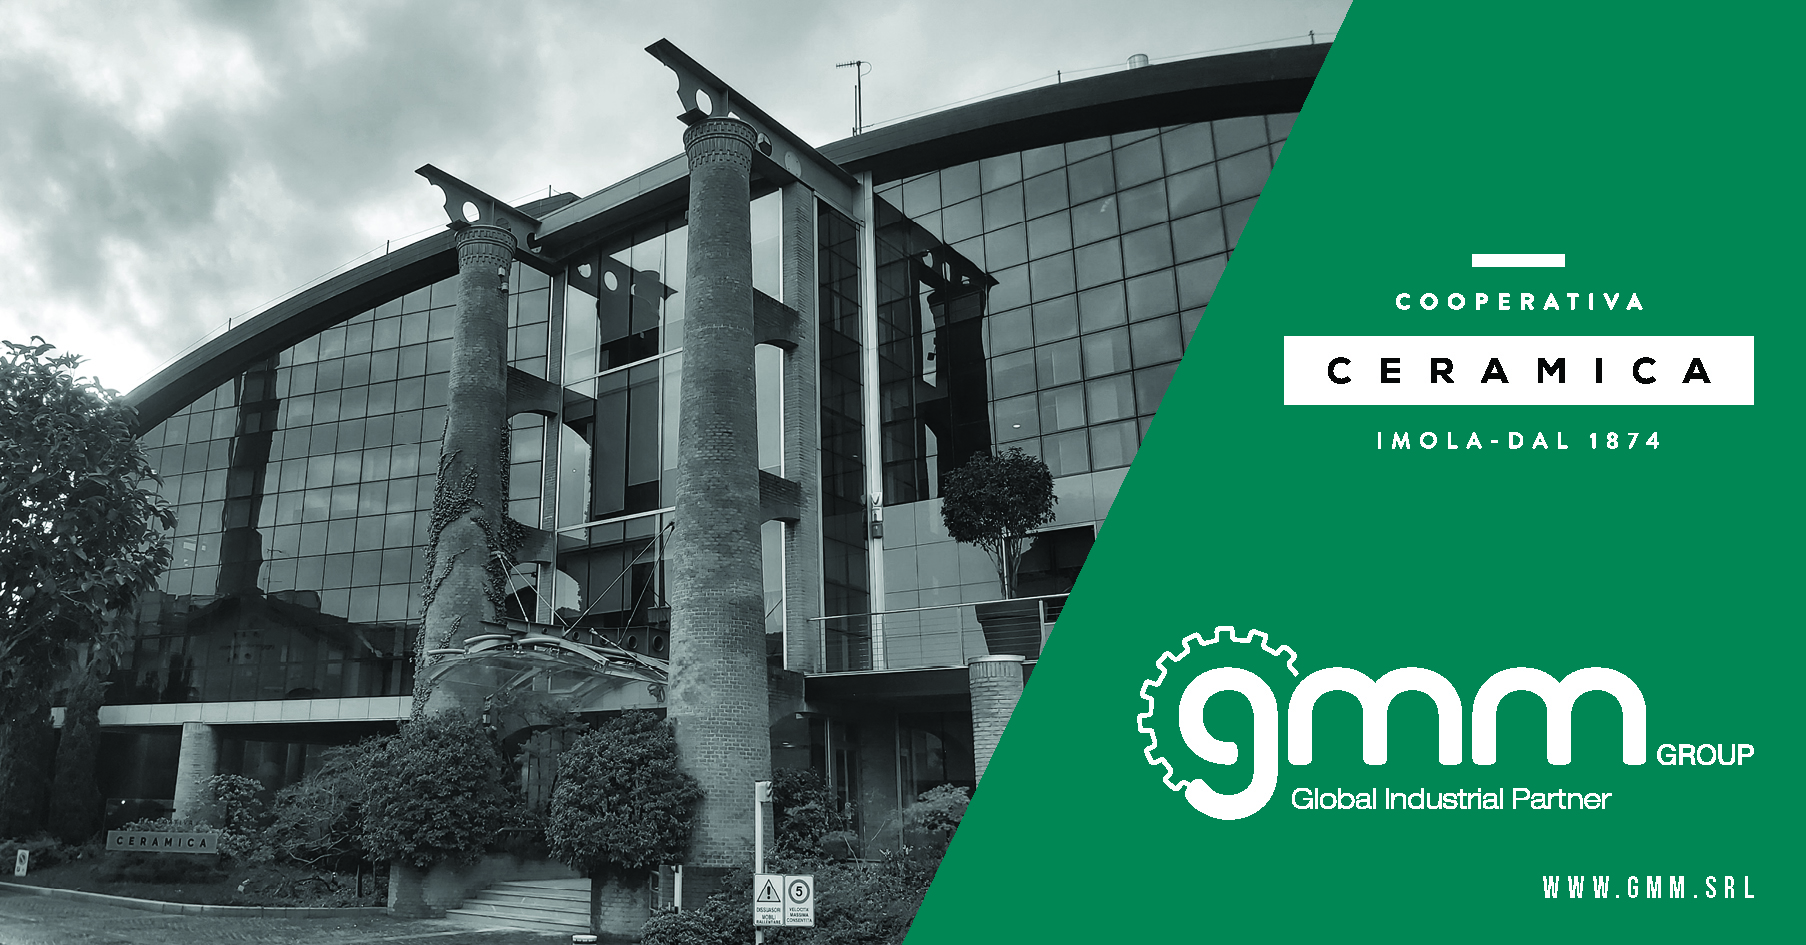 GMM Group: servizi su misura per Cooperativa Ceramica D'Imola